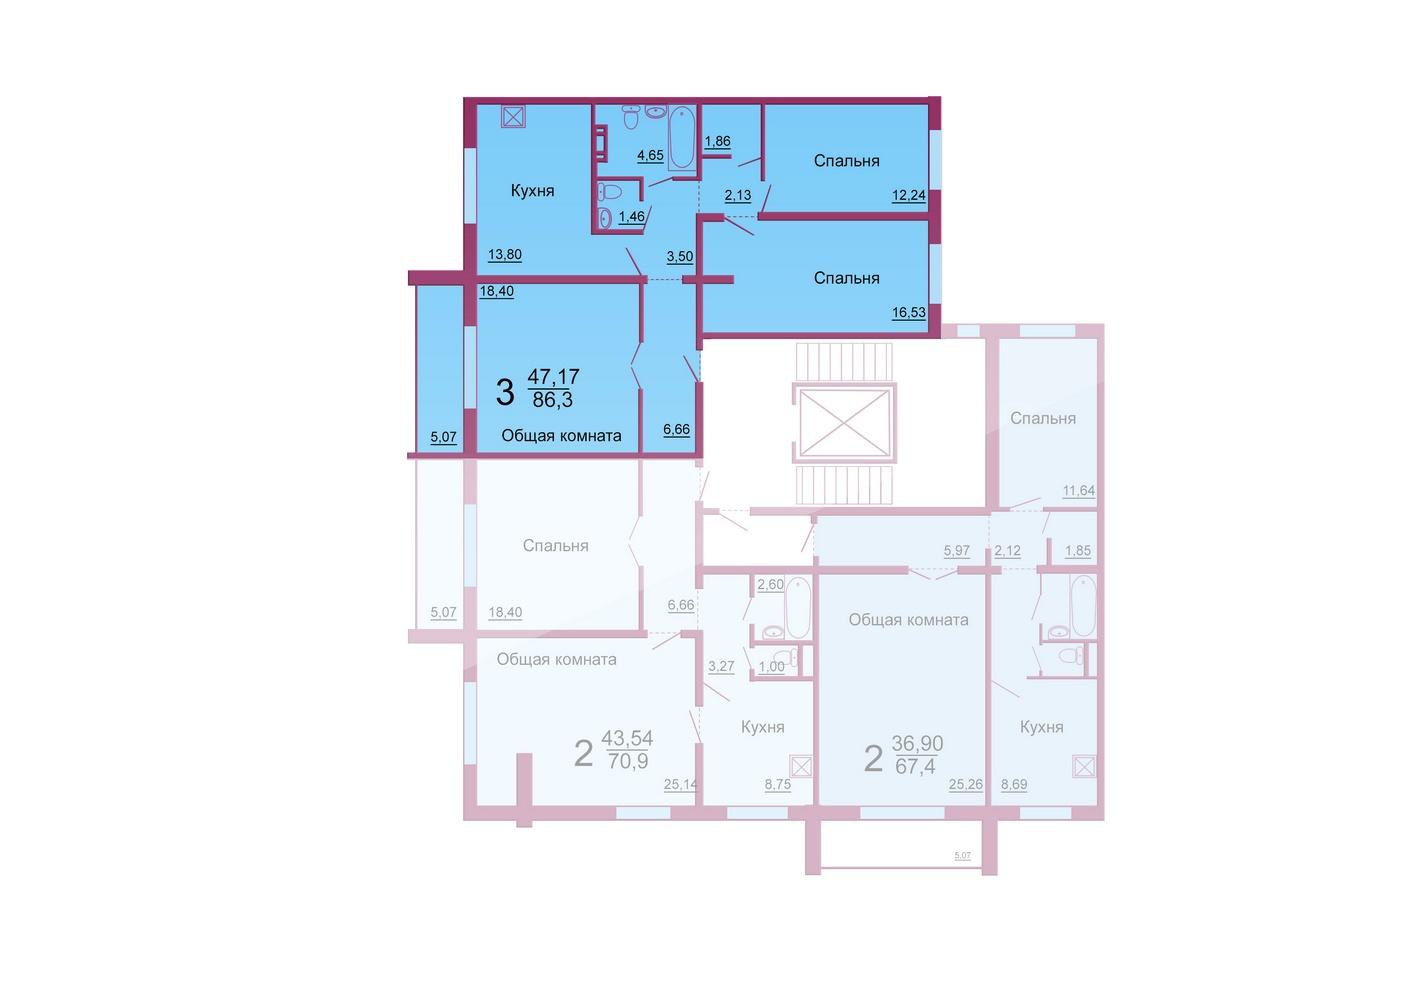 Схемы квартир улучшенной планировки